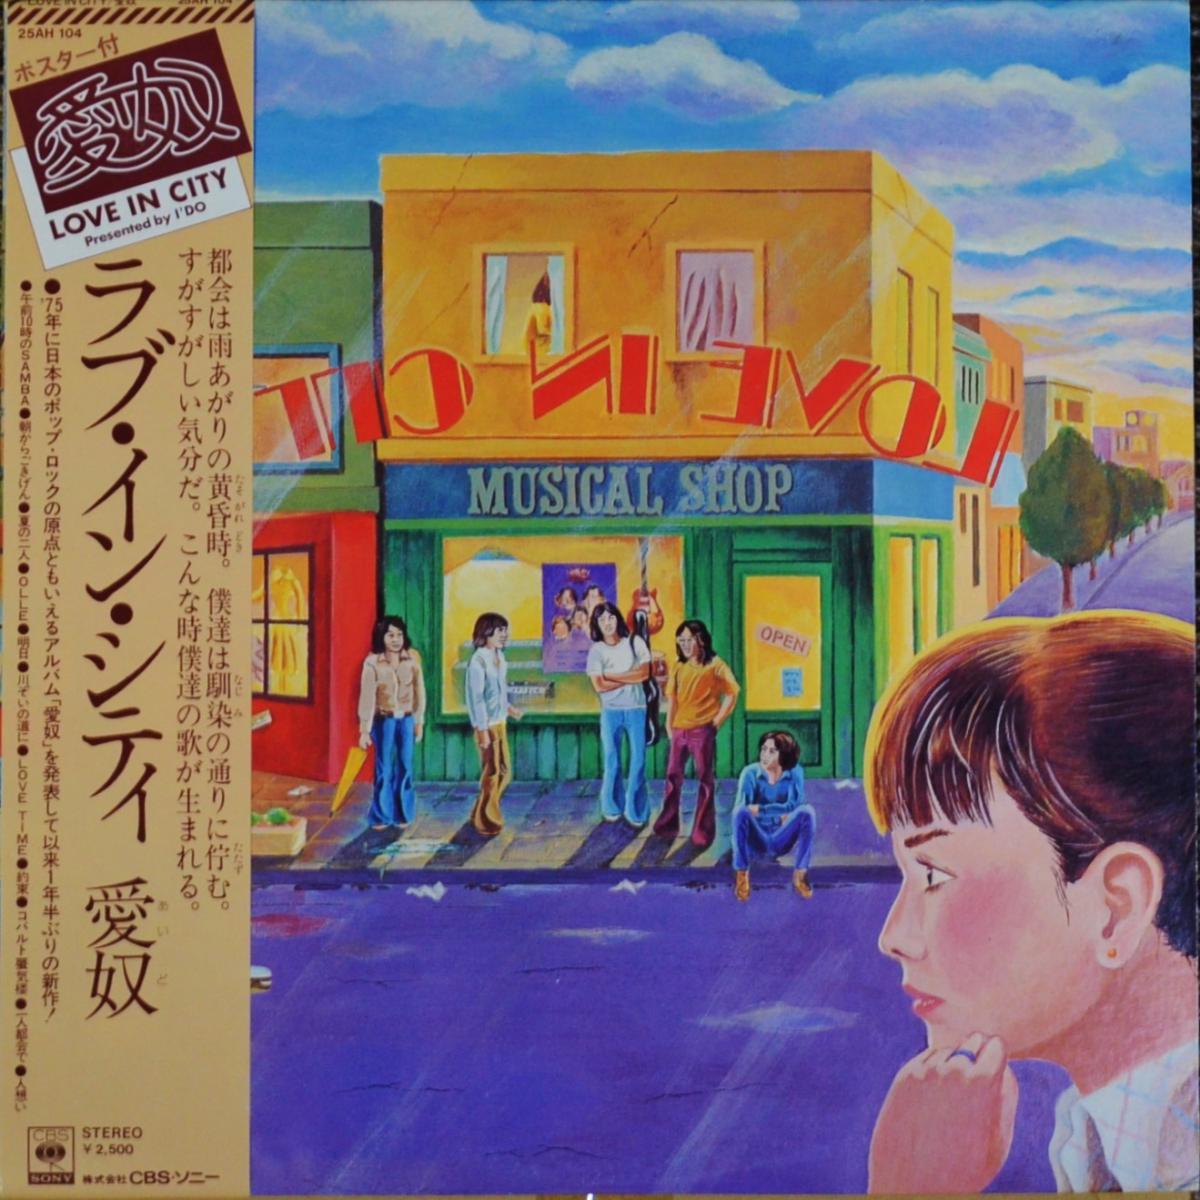 愛奴 (I'DO / 浜田省吾) / LOVE IN CITY (LP)